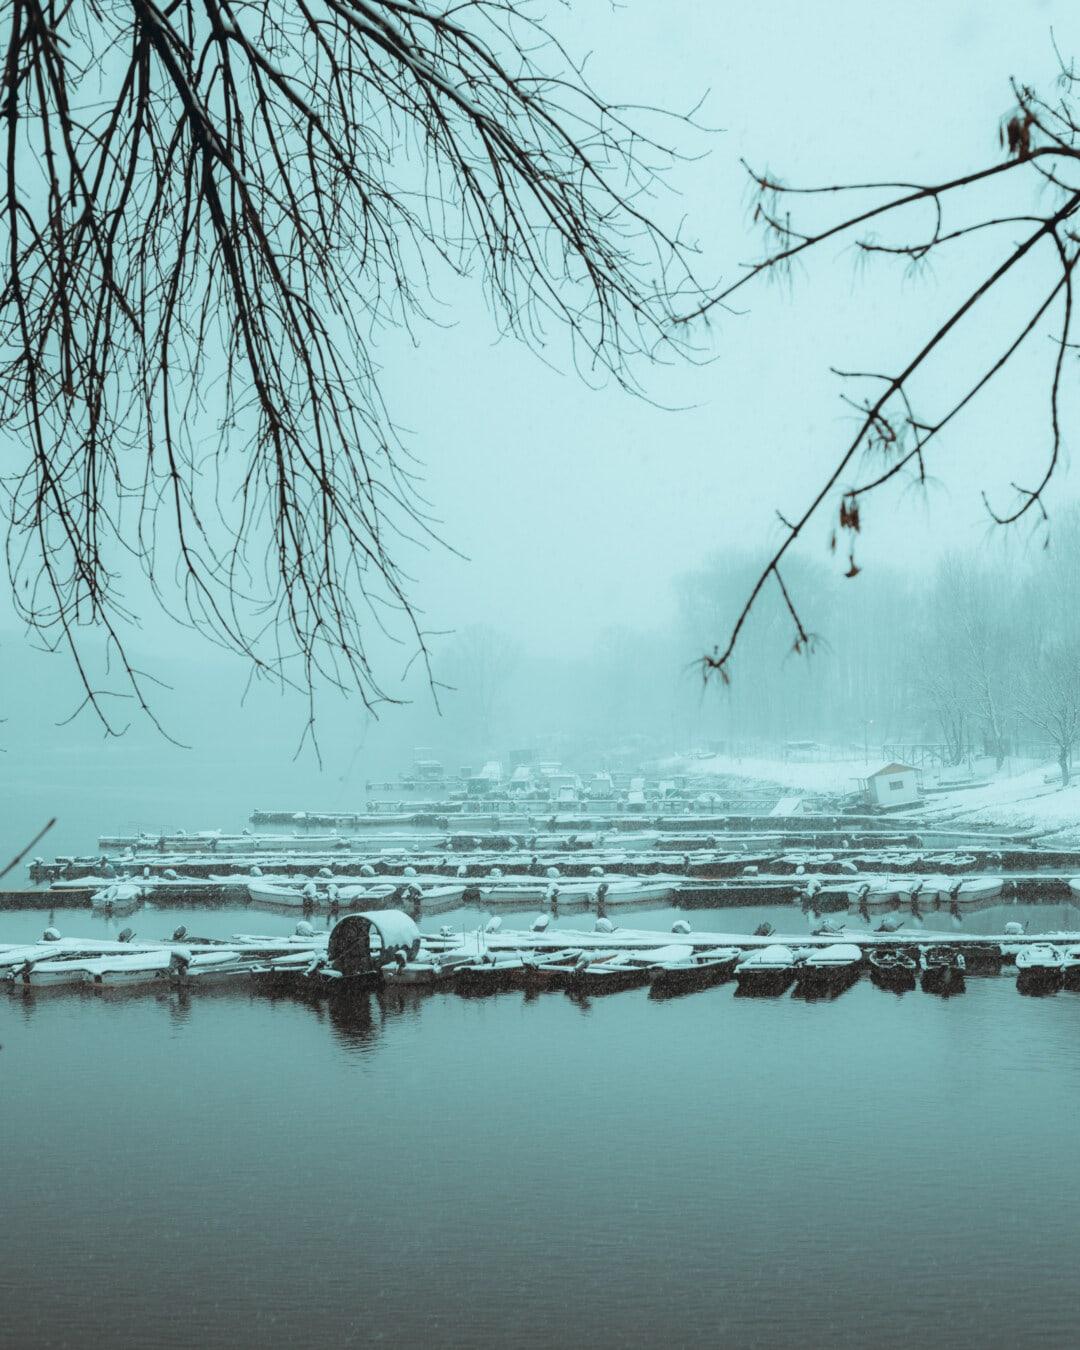 Nebel, Winter, Wasser, See, Struktur, Natur, Schnee, Nebel, Reflexion, Dämmerung